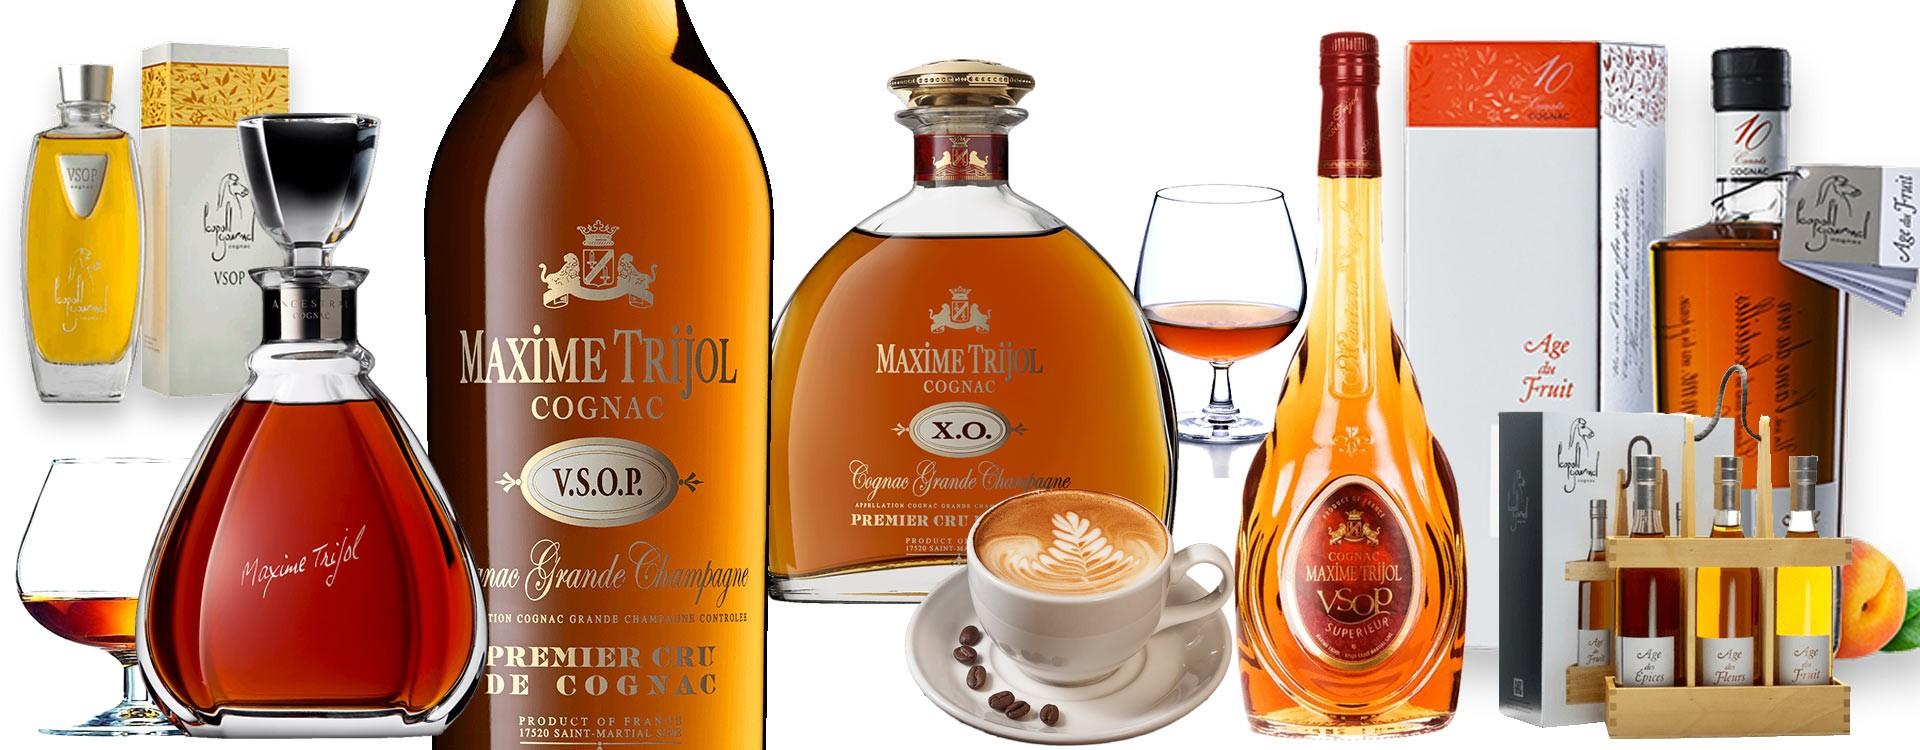 Des Cognacs de haute qualité